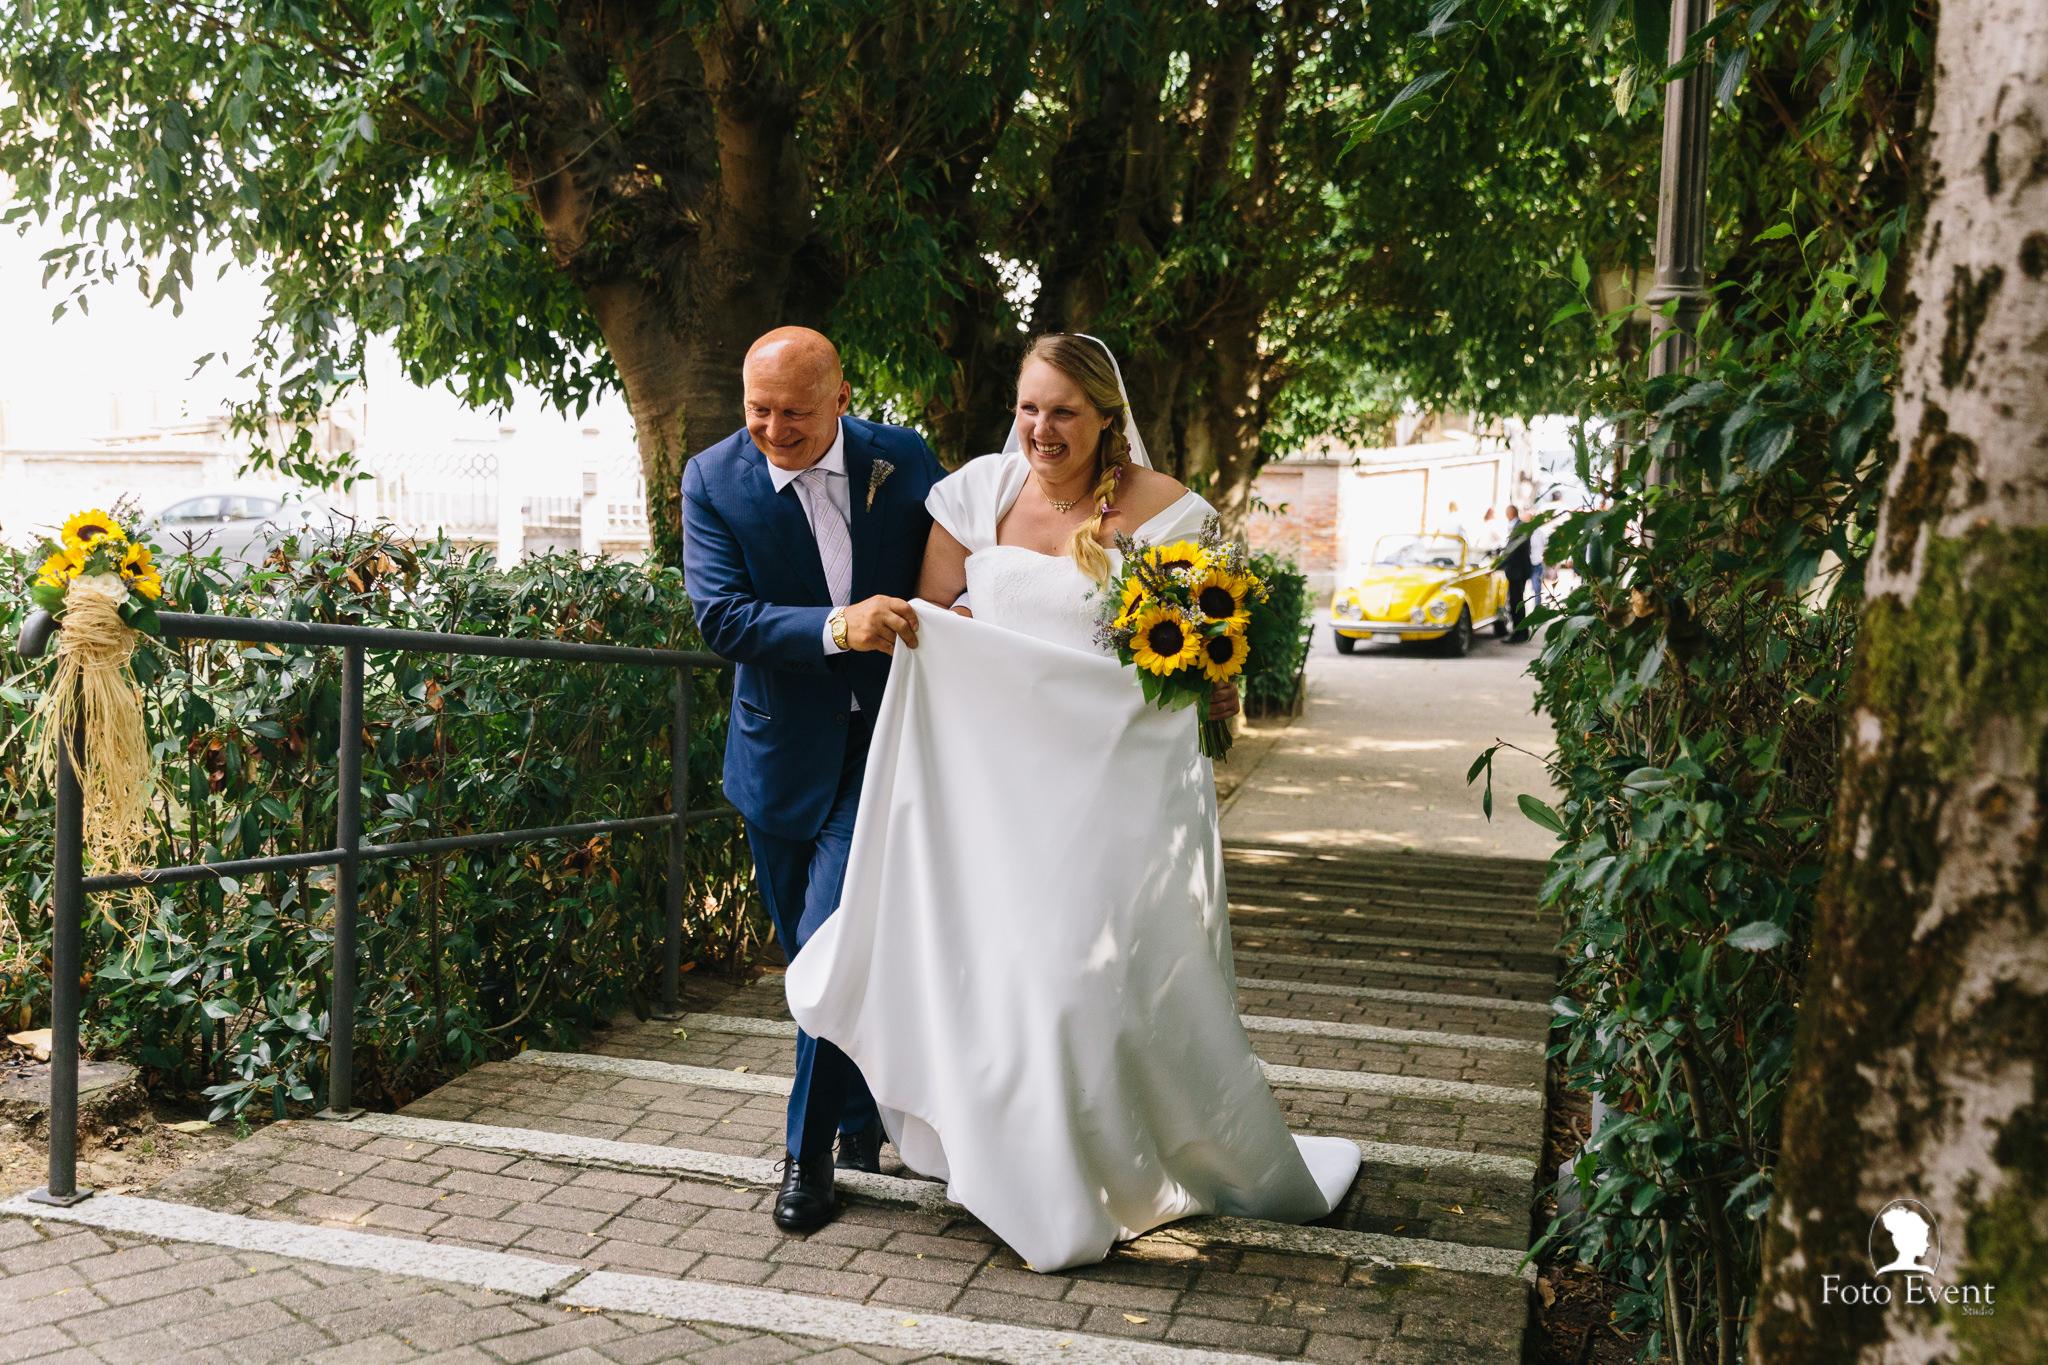 038-2019-07-27-Matrimonio-Valentina-e-Alessandro-Pettinari-5DE-569